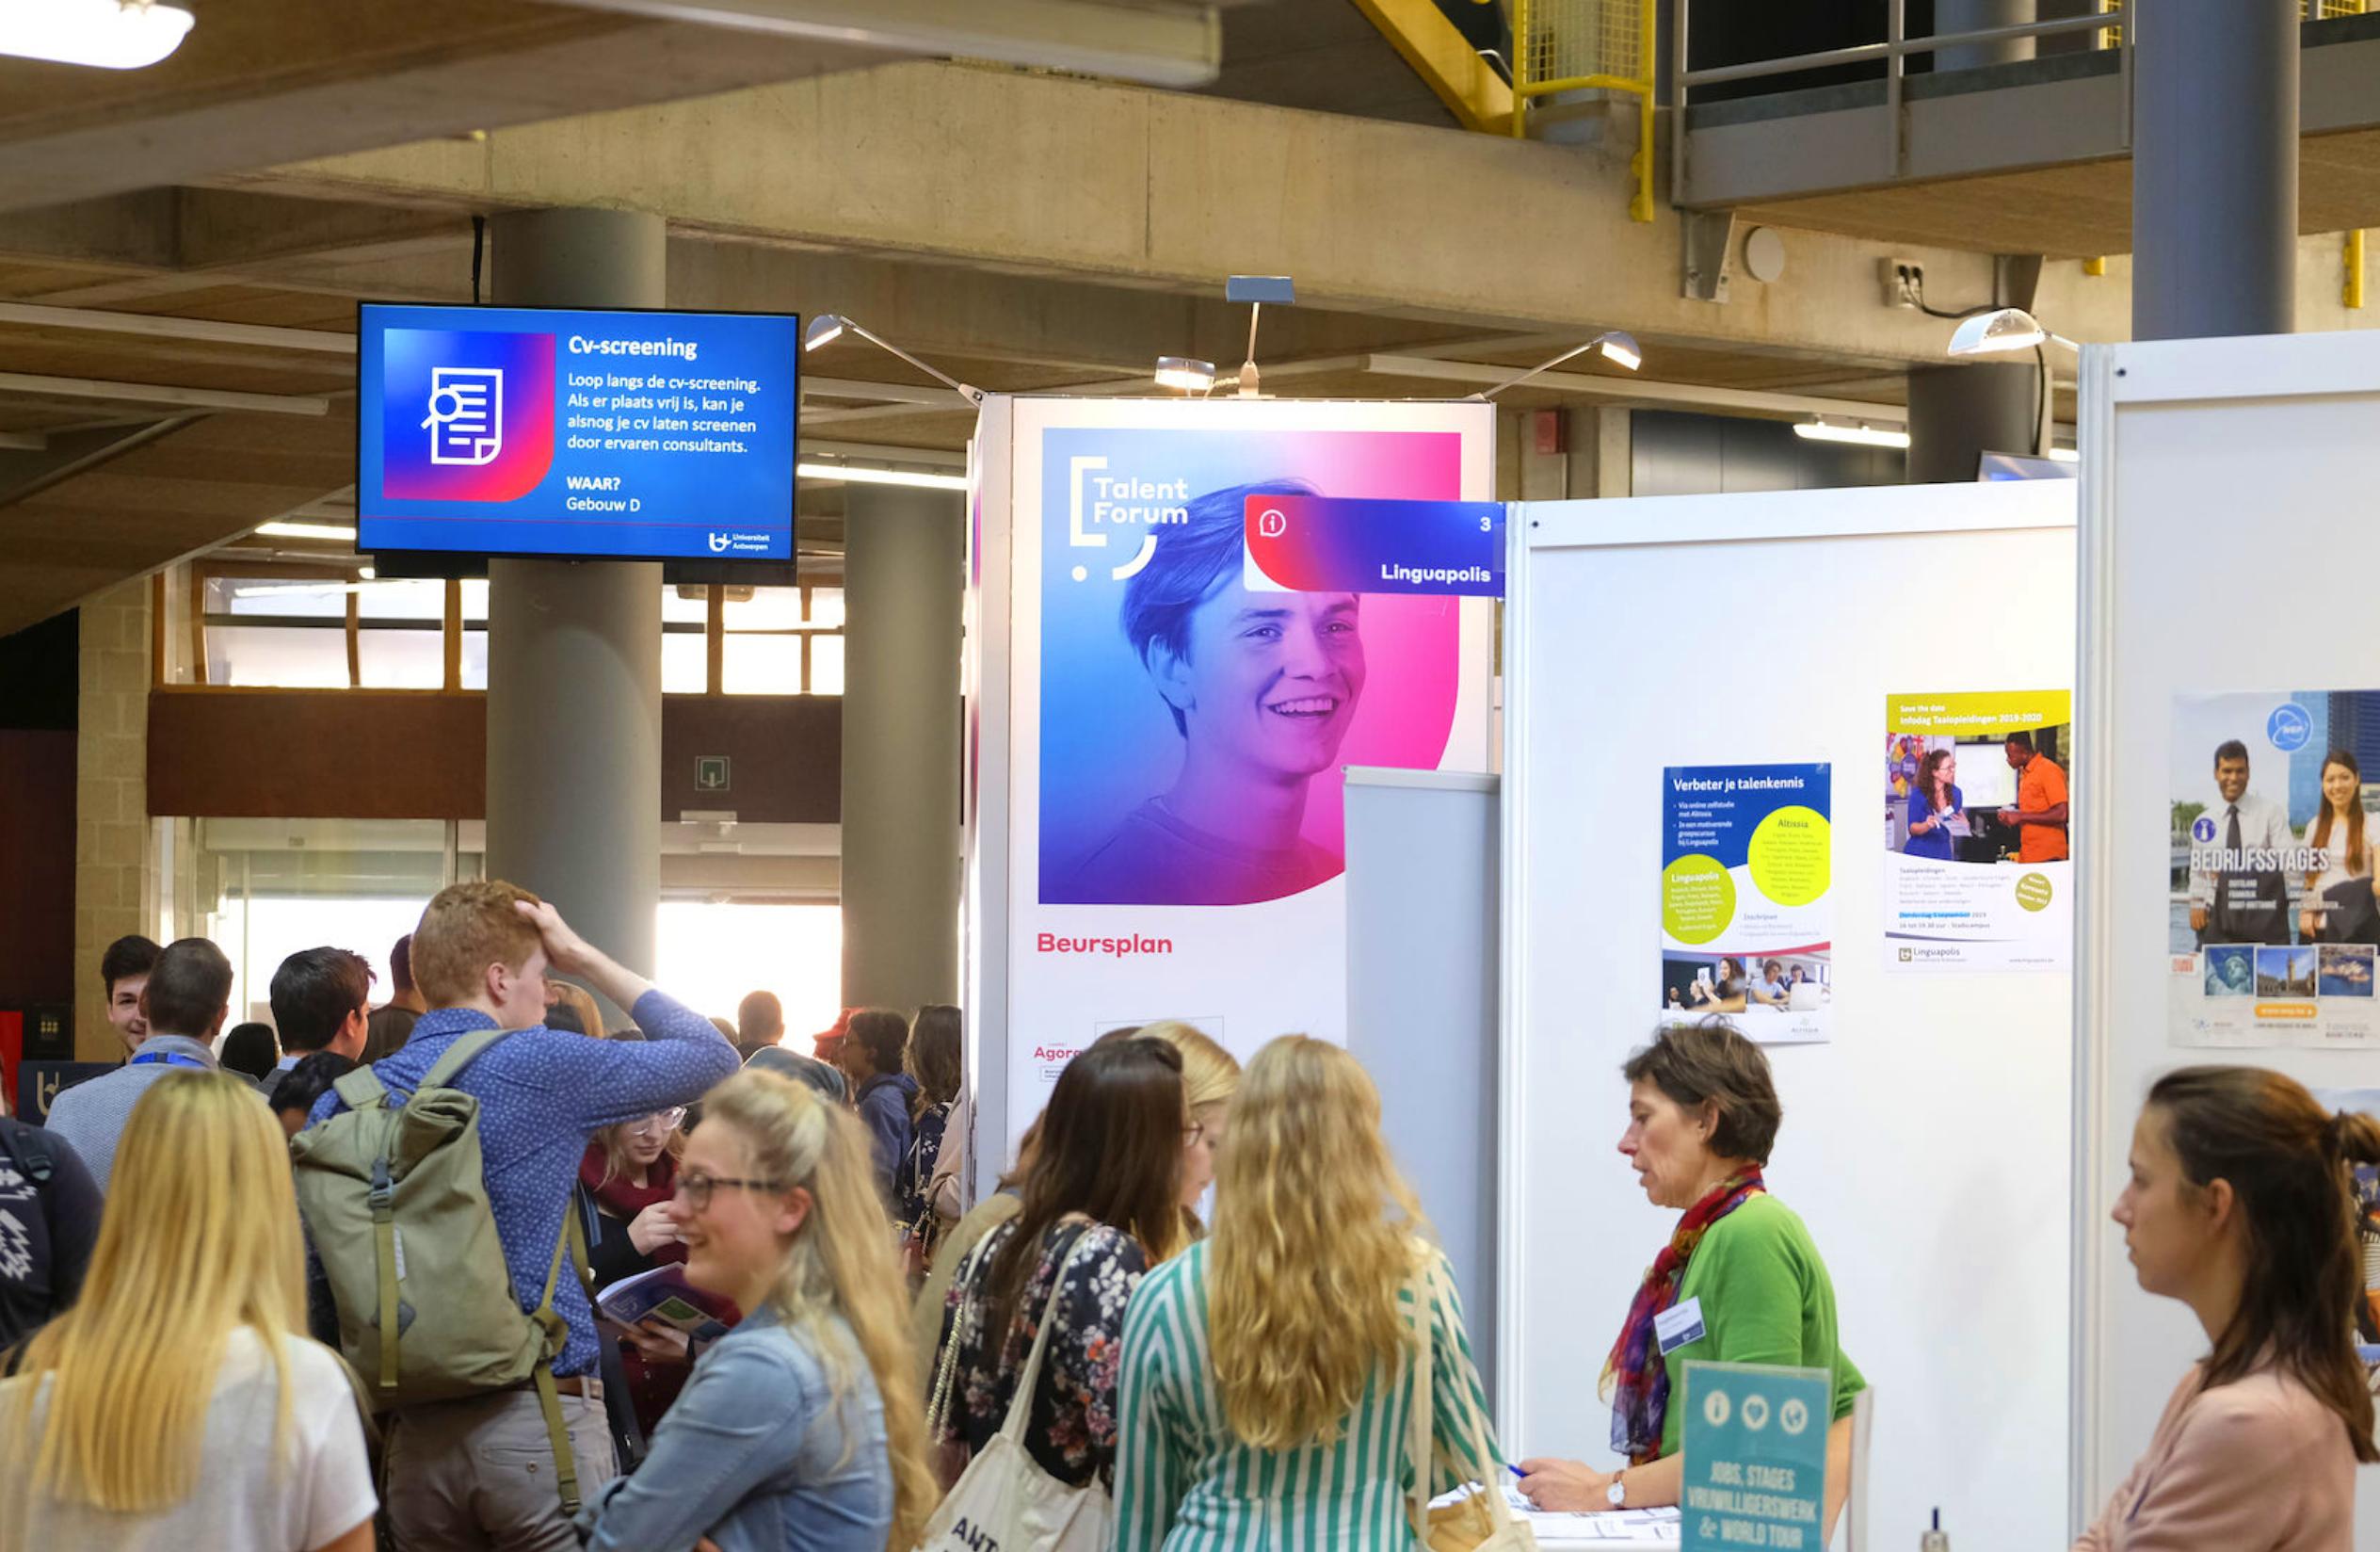 Talent Forum, Ua Antwerpen, universiteit antwerpen, branding, logo, identiteit, event, signalisatie, poster, branding